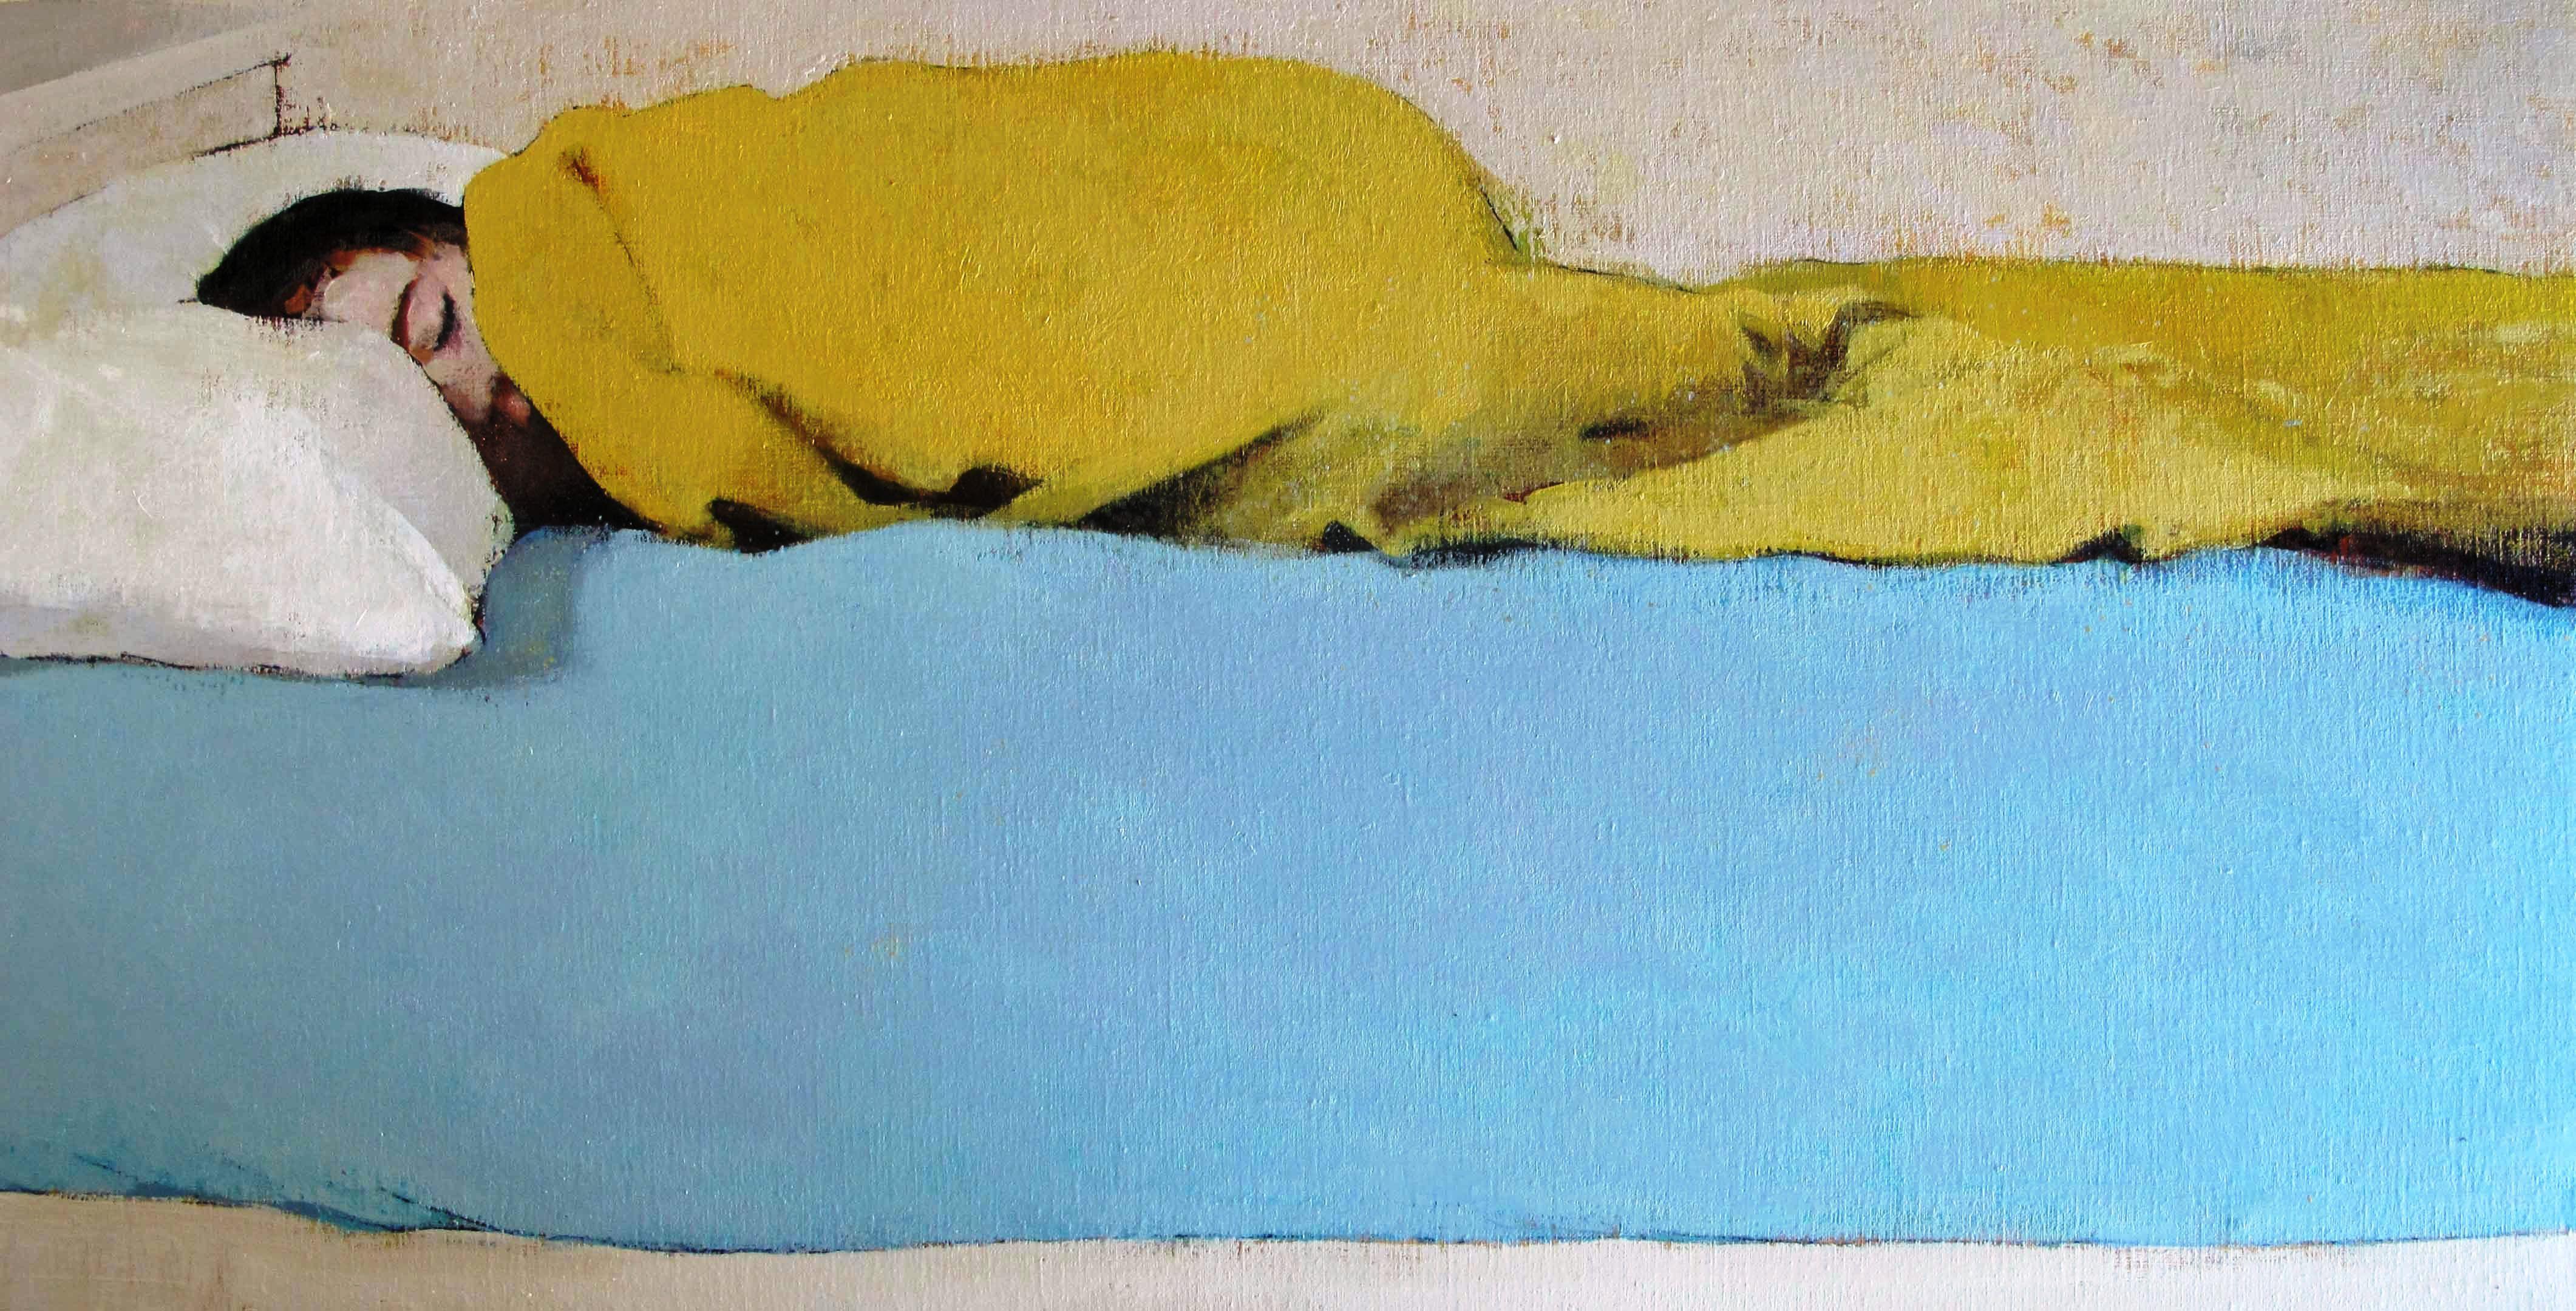 PUIG Somni Galerie Ariel Sibony